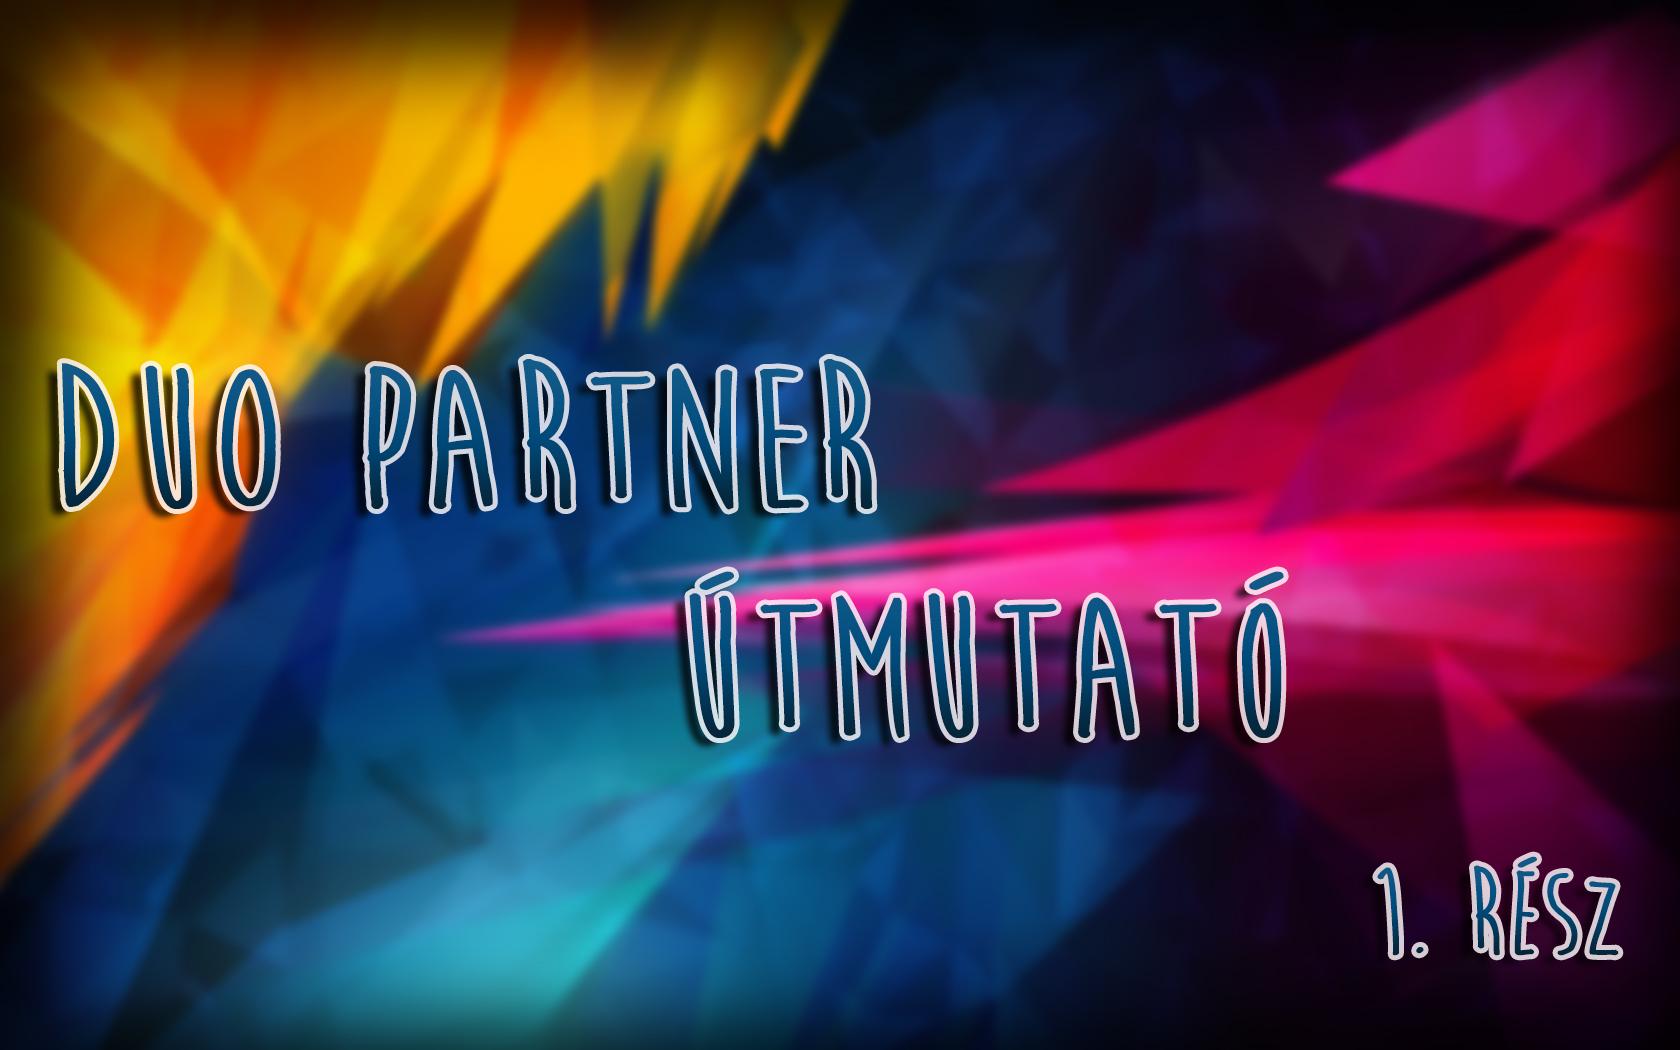 Duo partner útmutató – 1. rész